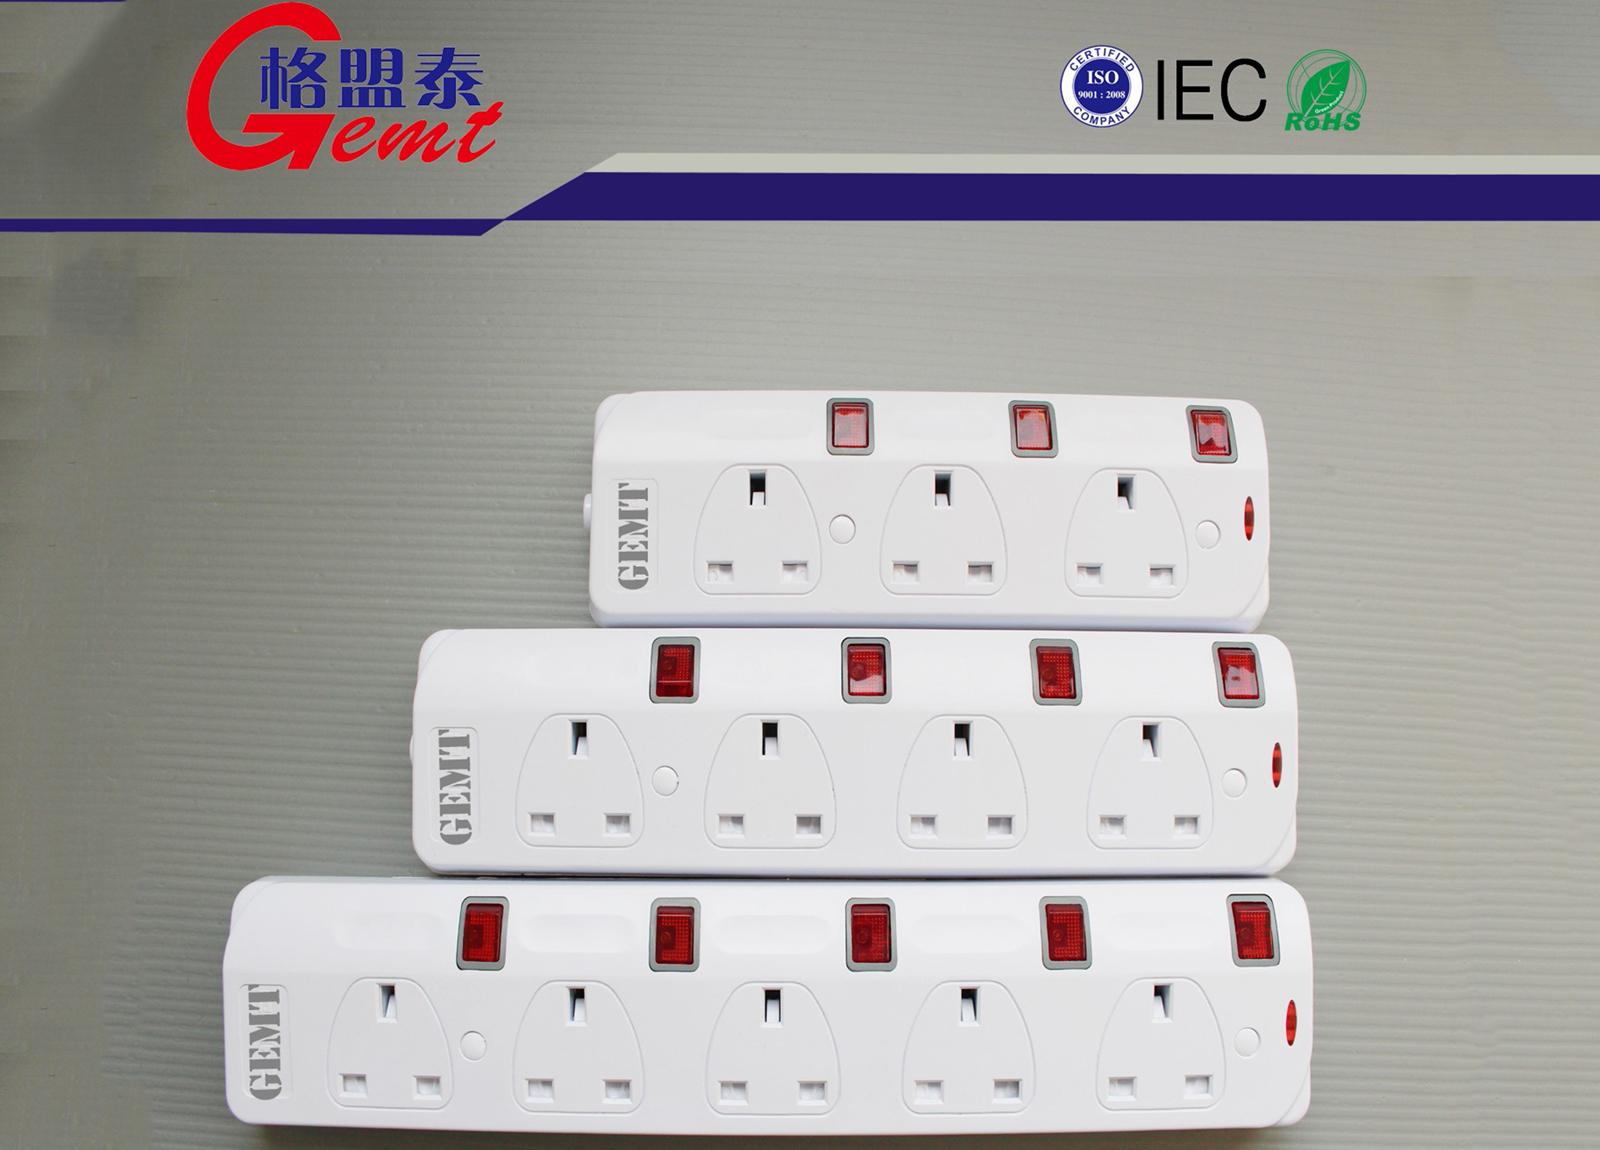 91系列英式排插3-5位带独立开关英标排插英规带线排插IECROHS认证